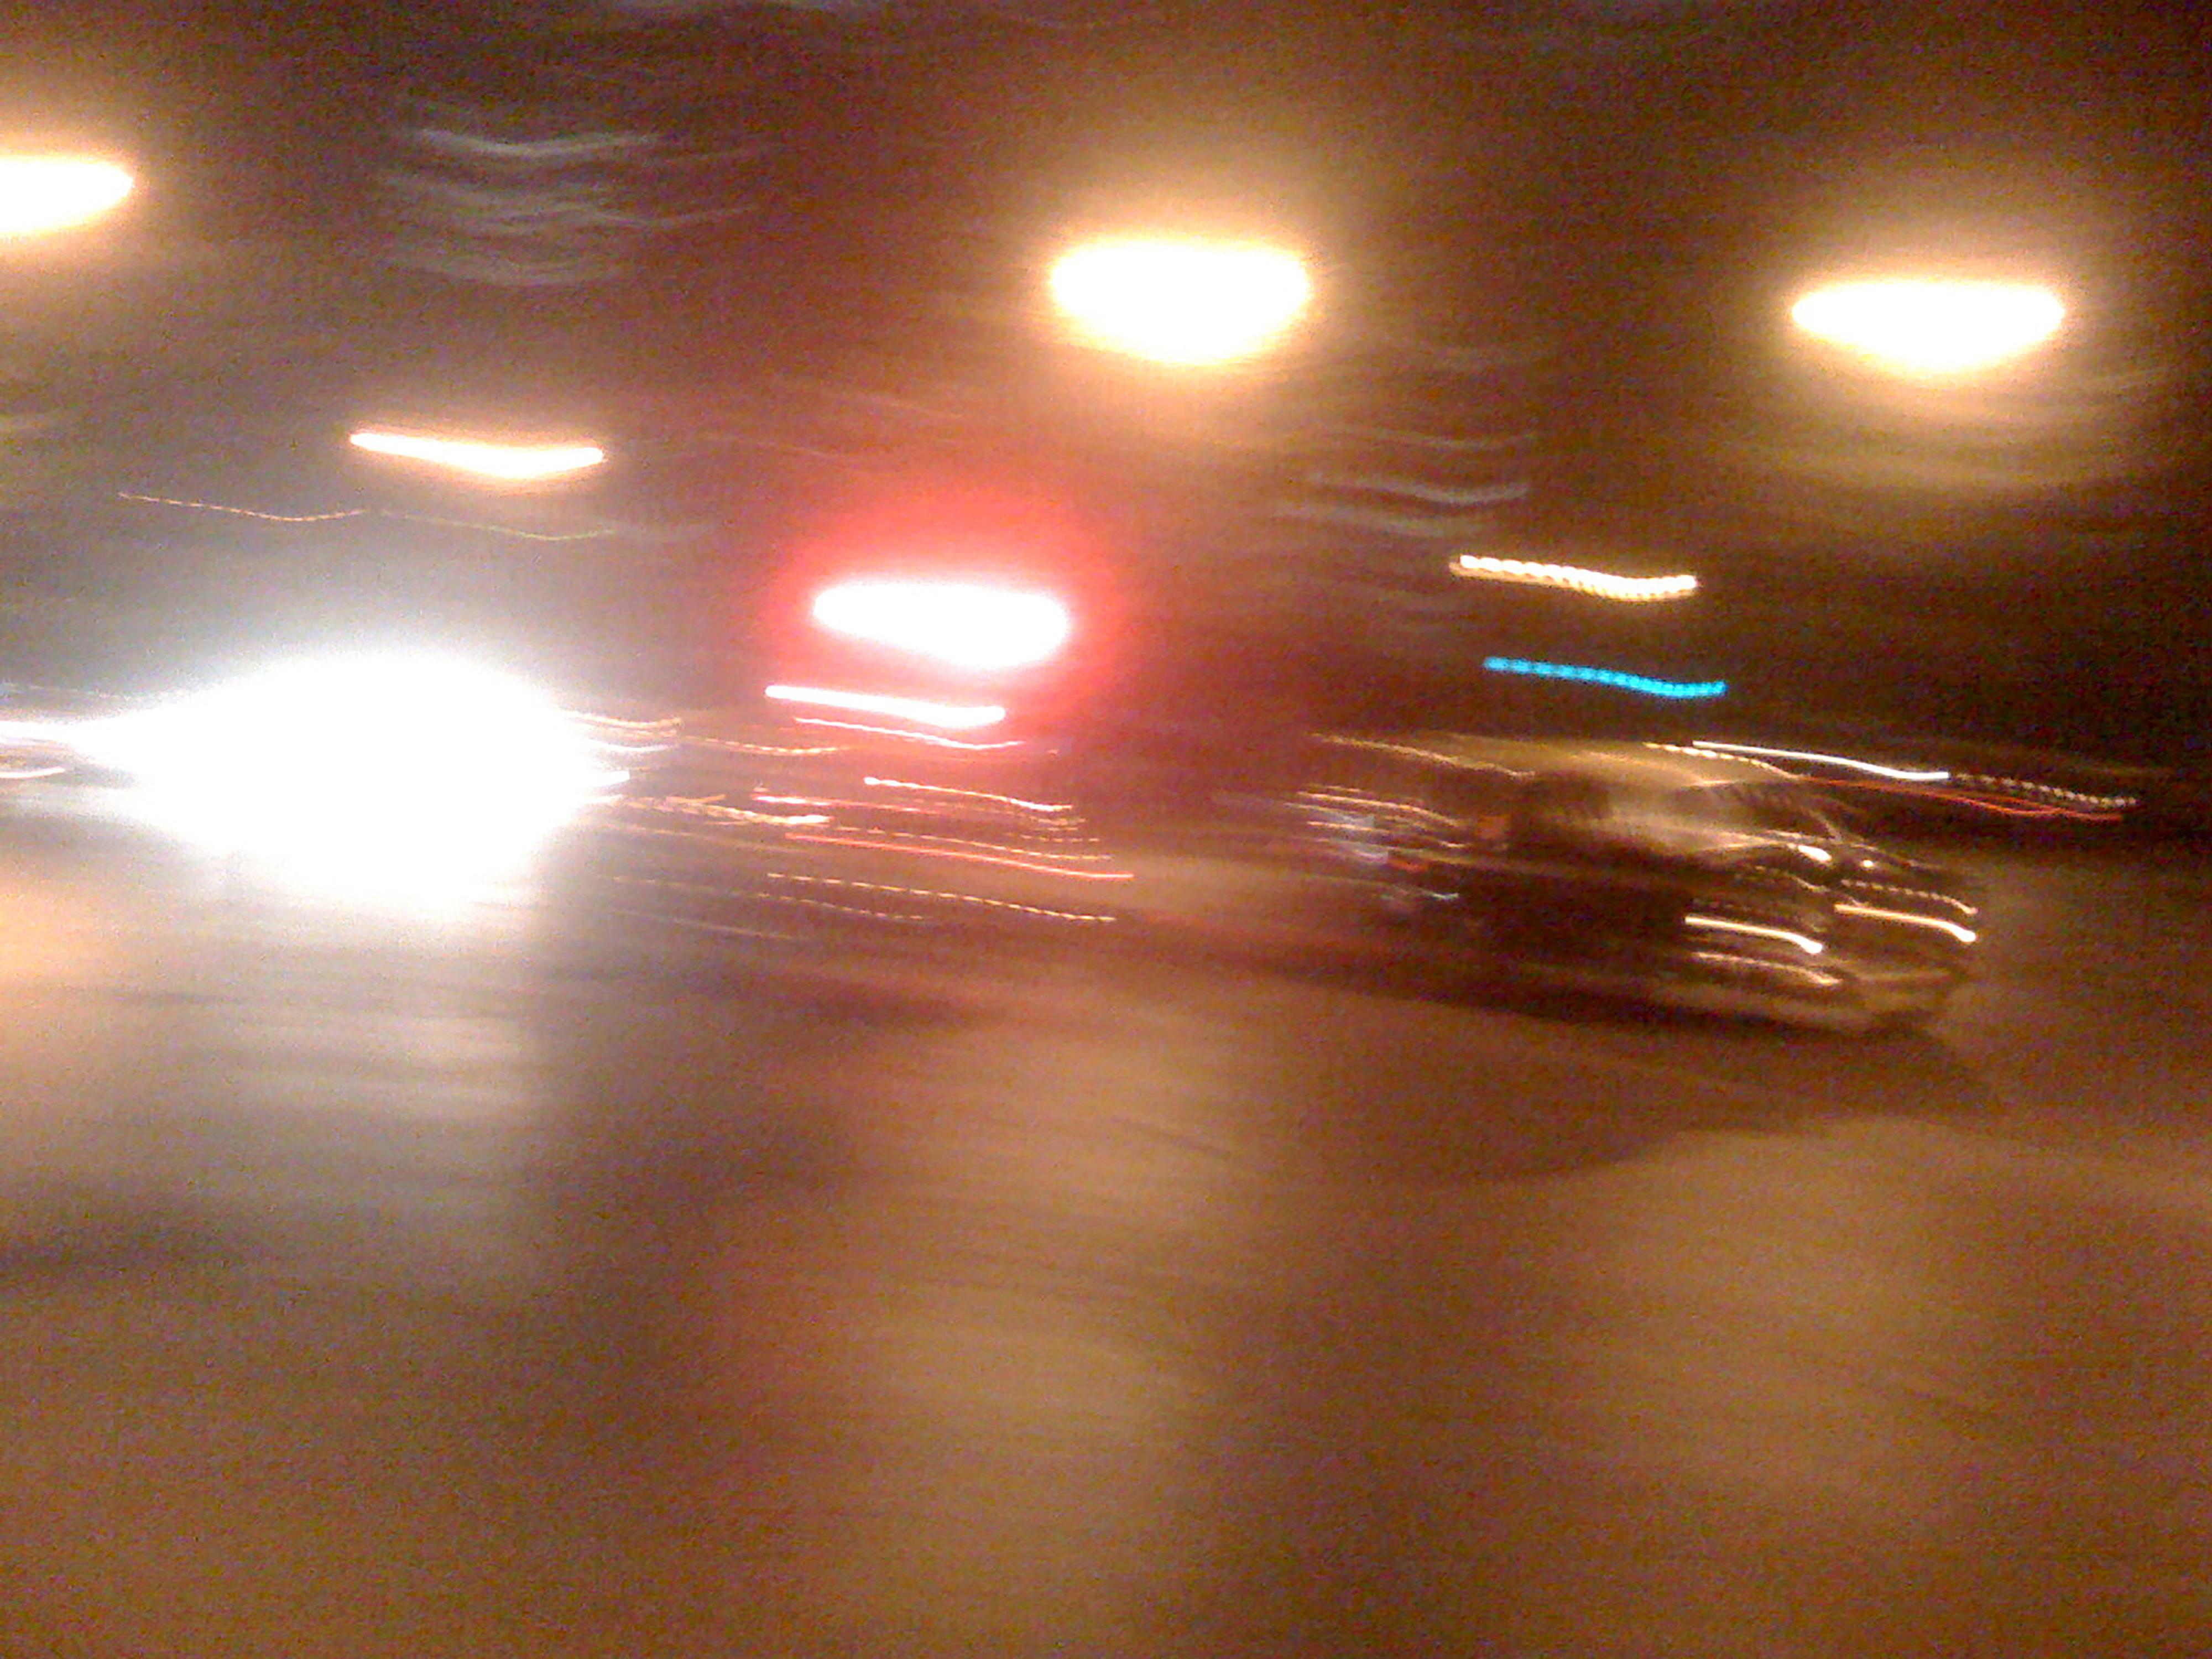 Mumbai taxi3 (12x16in)